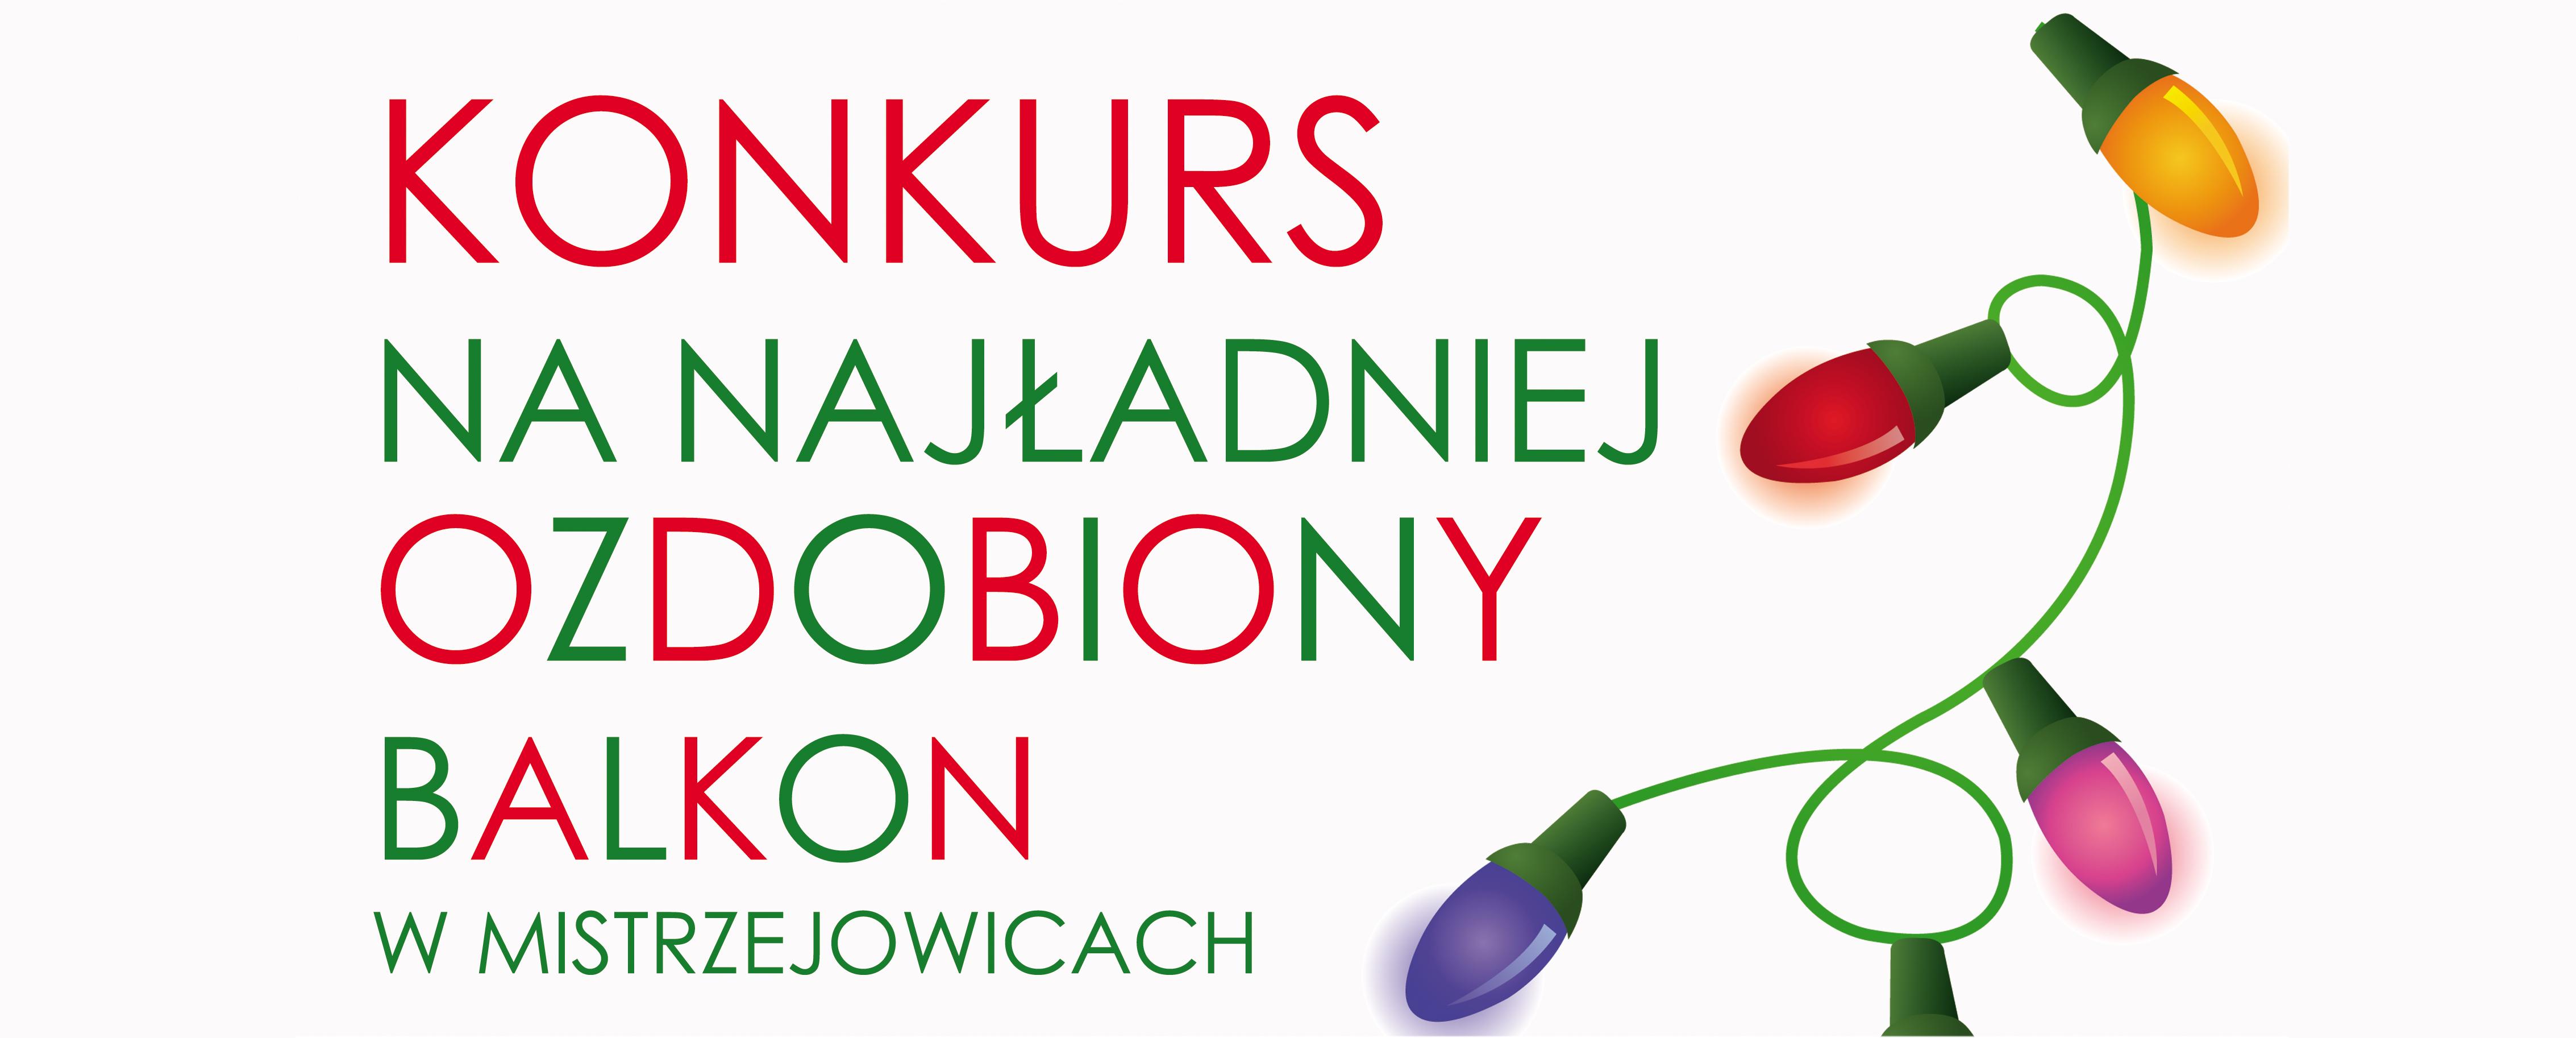 Konkurs na najładniej ozdobiony balkon w Mistrzejowicach